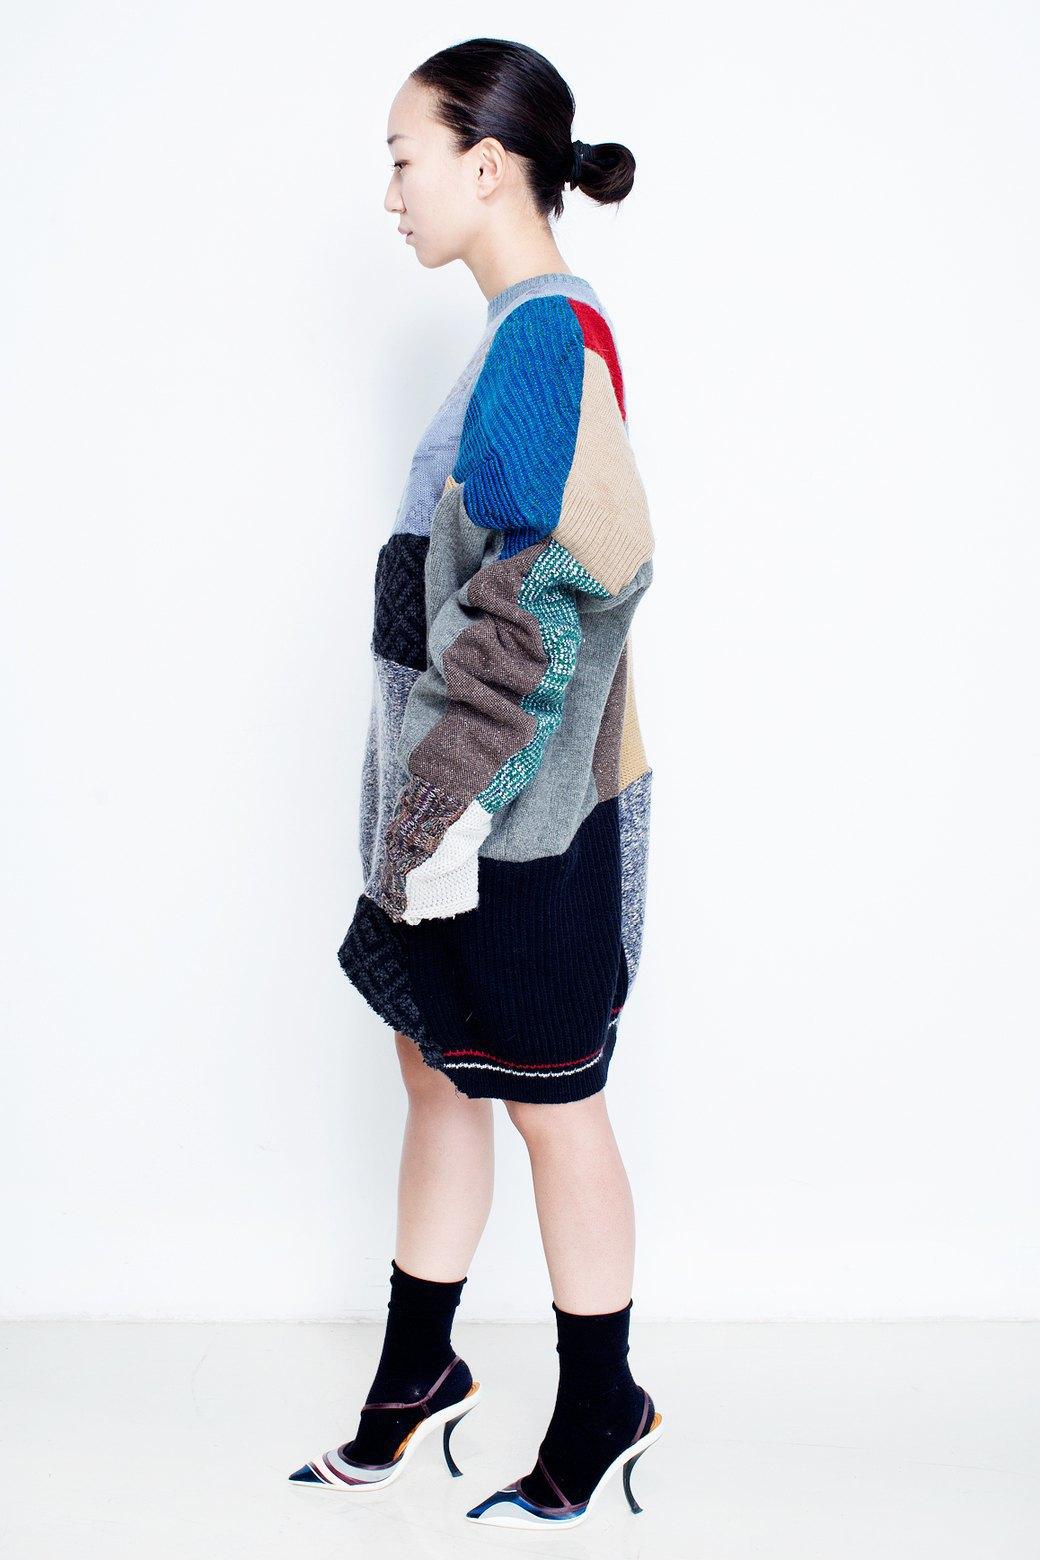 Дизайнер J.Kim Женя Ким о любимых нарядах. Изображение № 3.